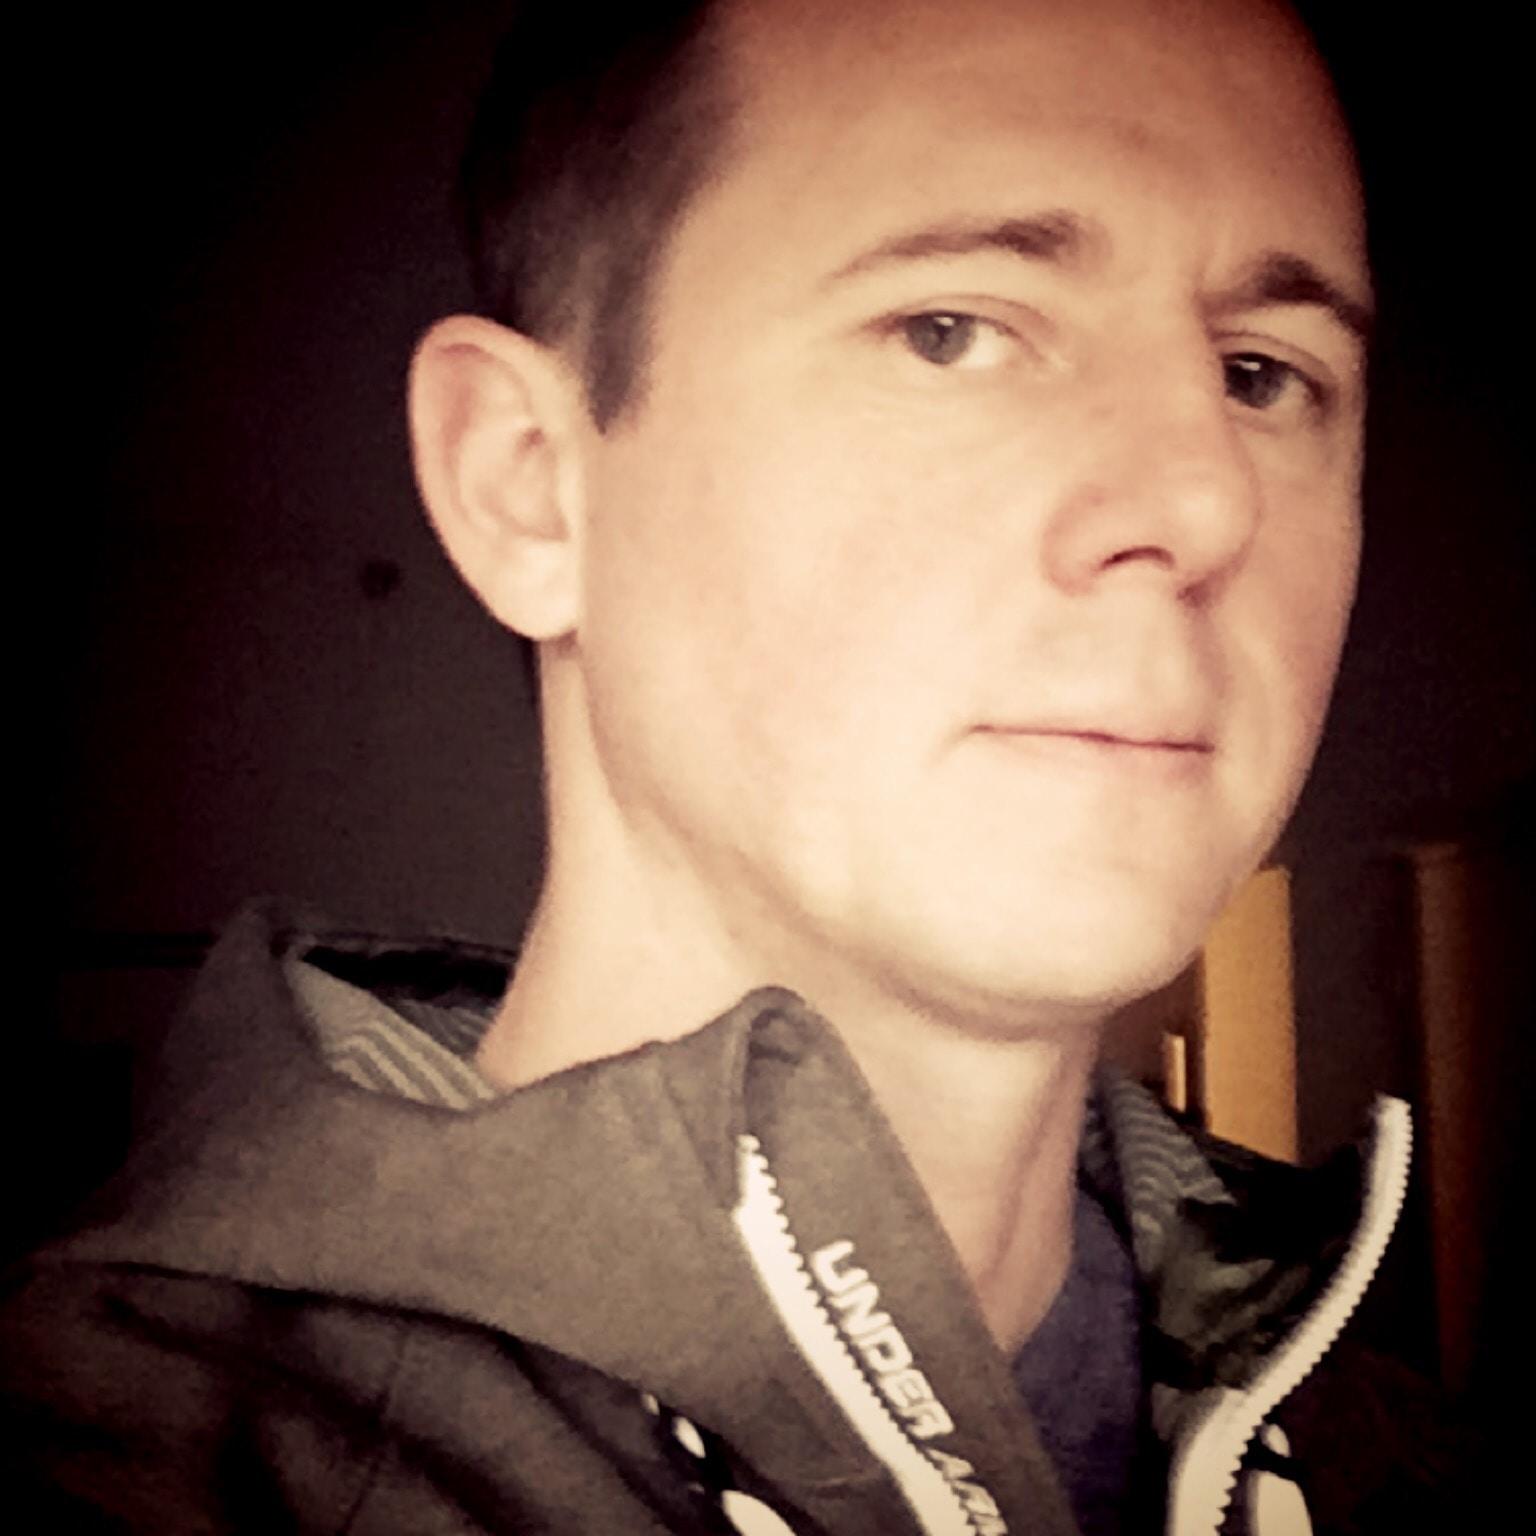 Go to David Nuescheler's profile